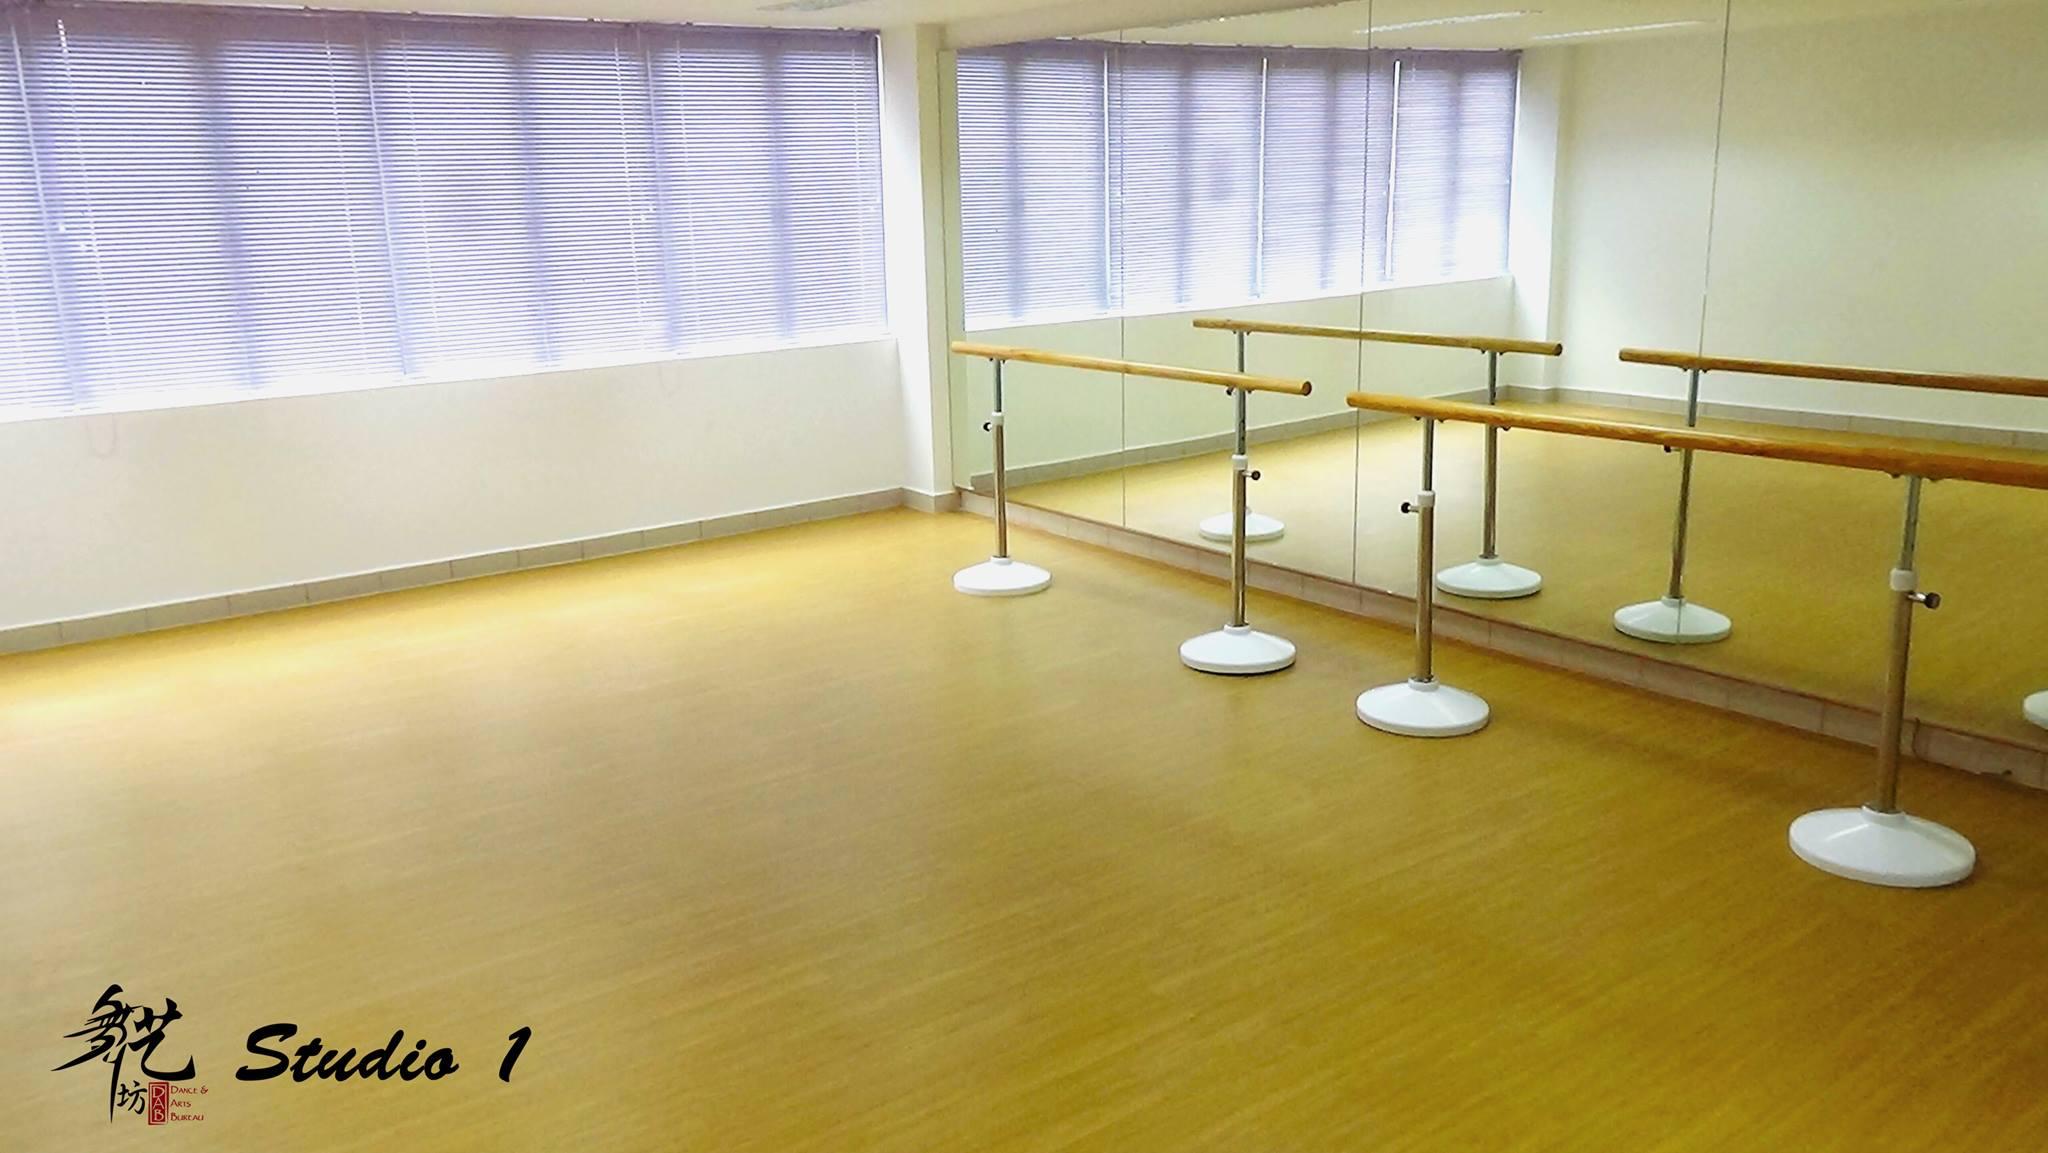 舞艺坊排练室2.jpg